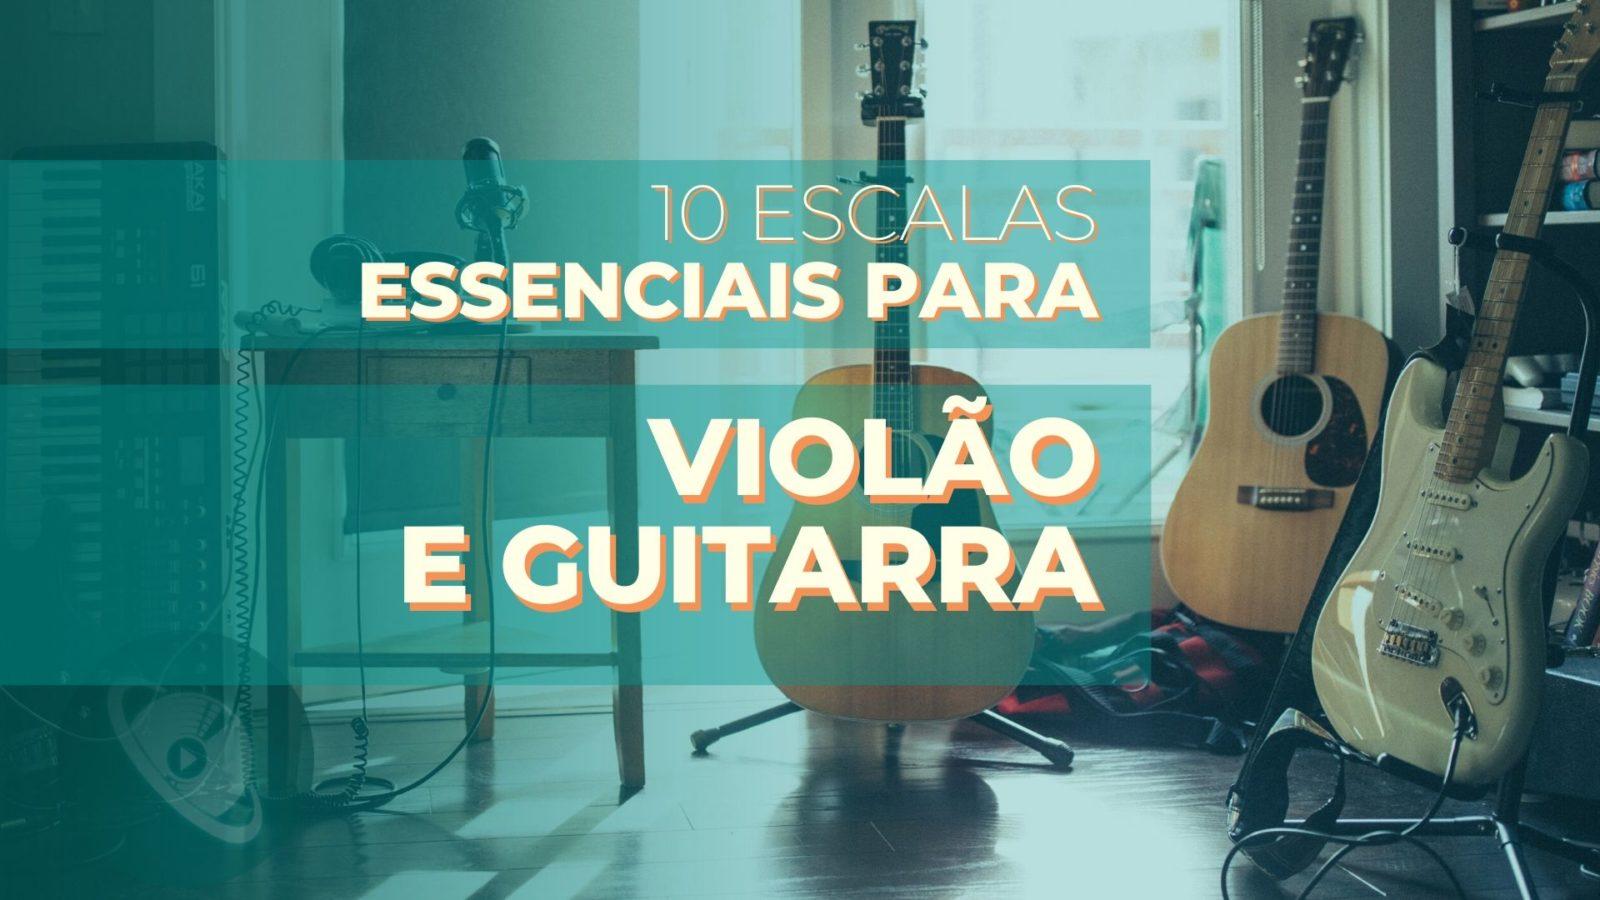 Escalas essenciais para violão e guitarra